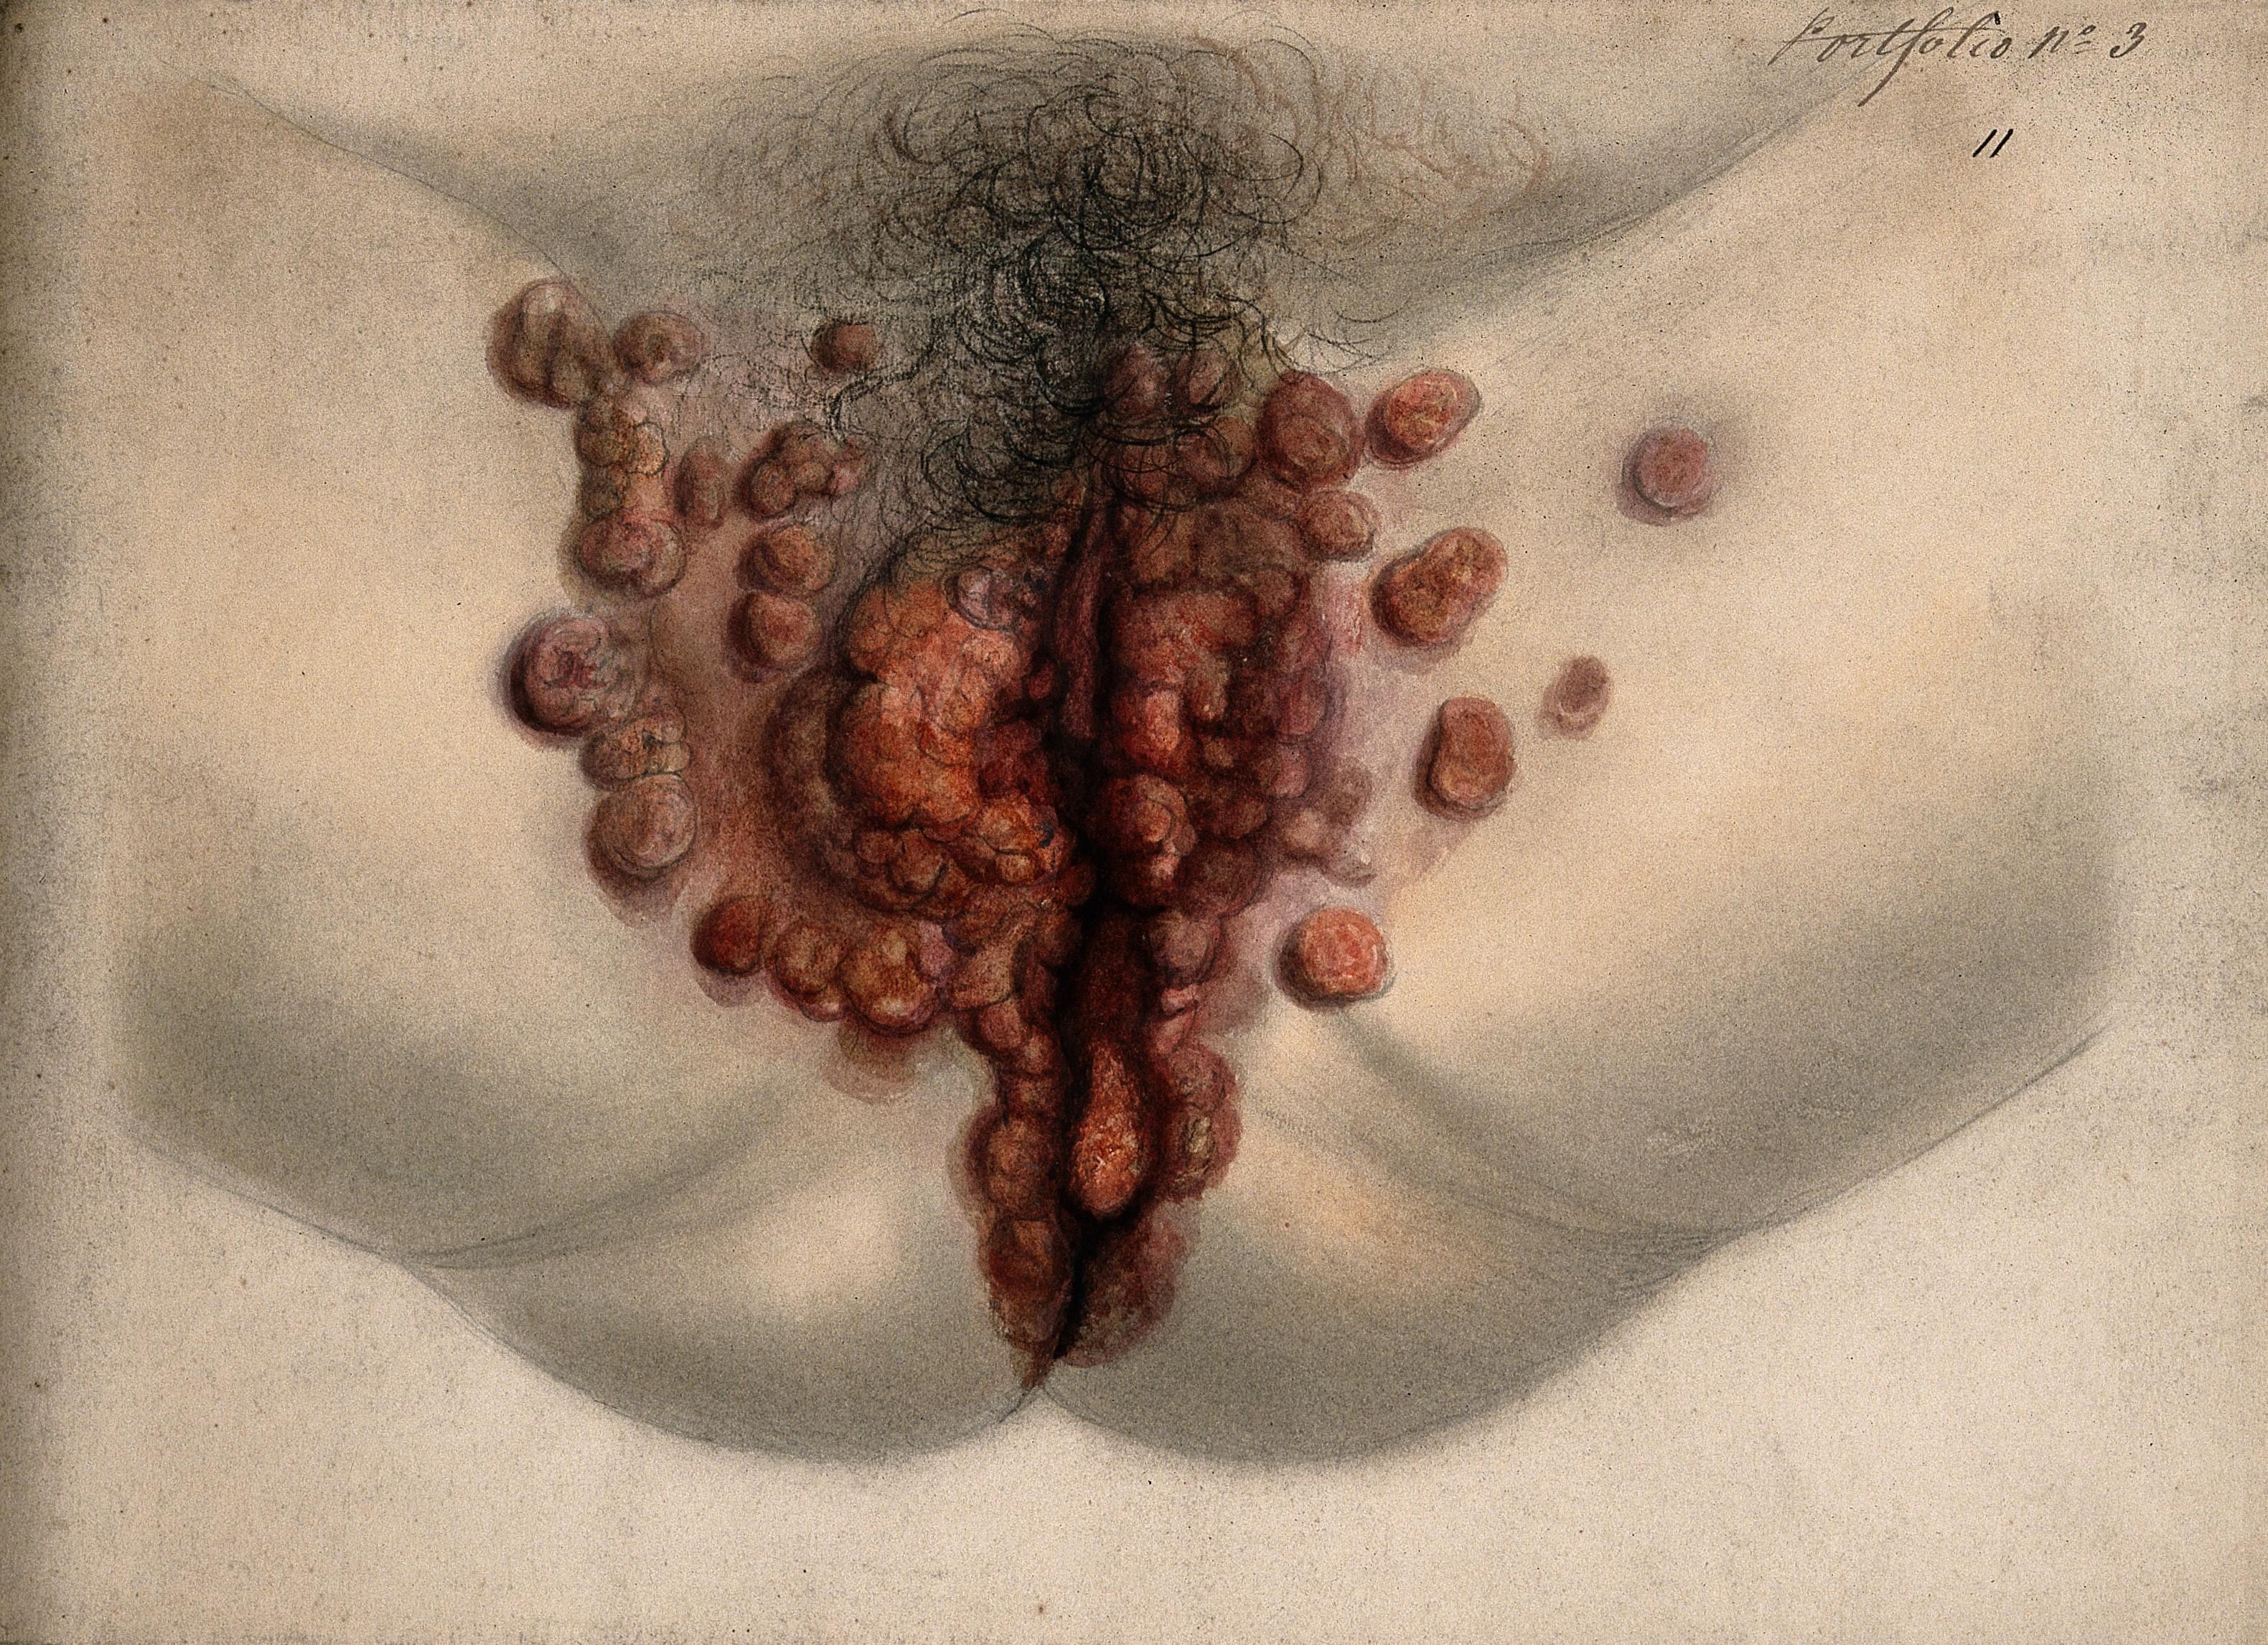 Weibliche Genitalverstümmelung  Wikipedia